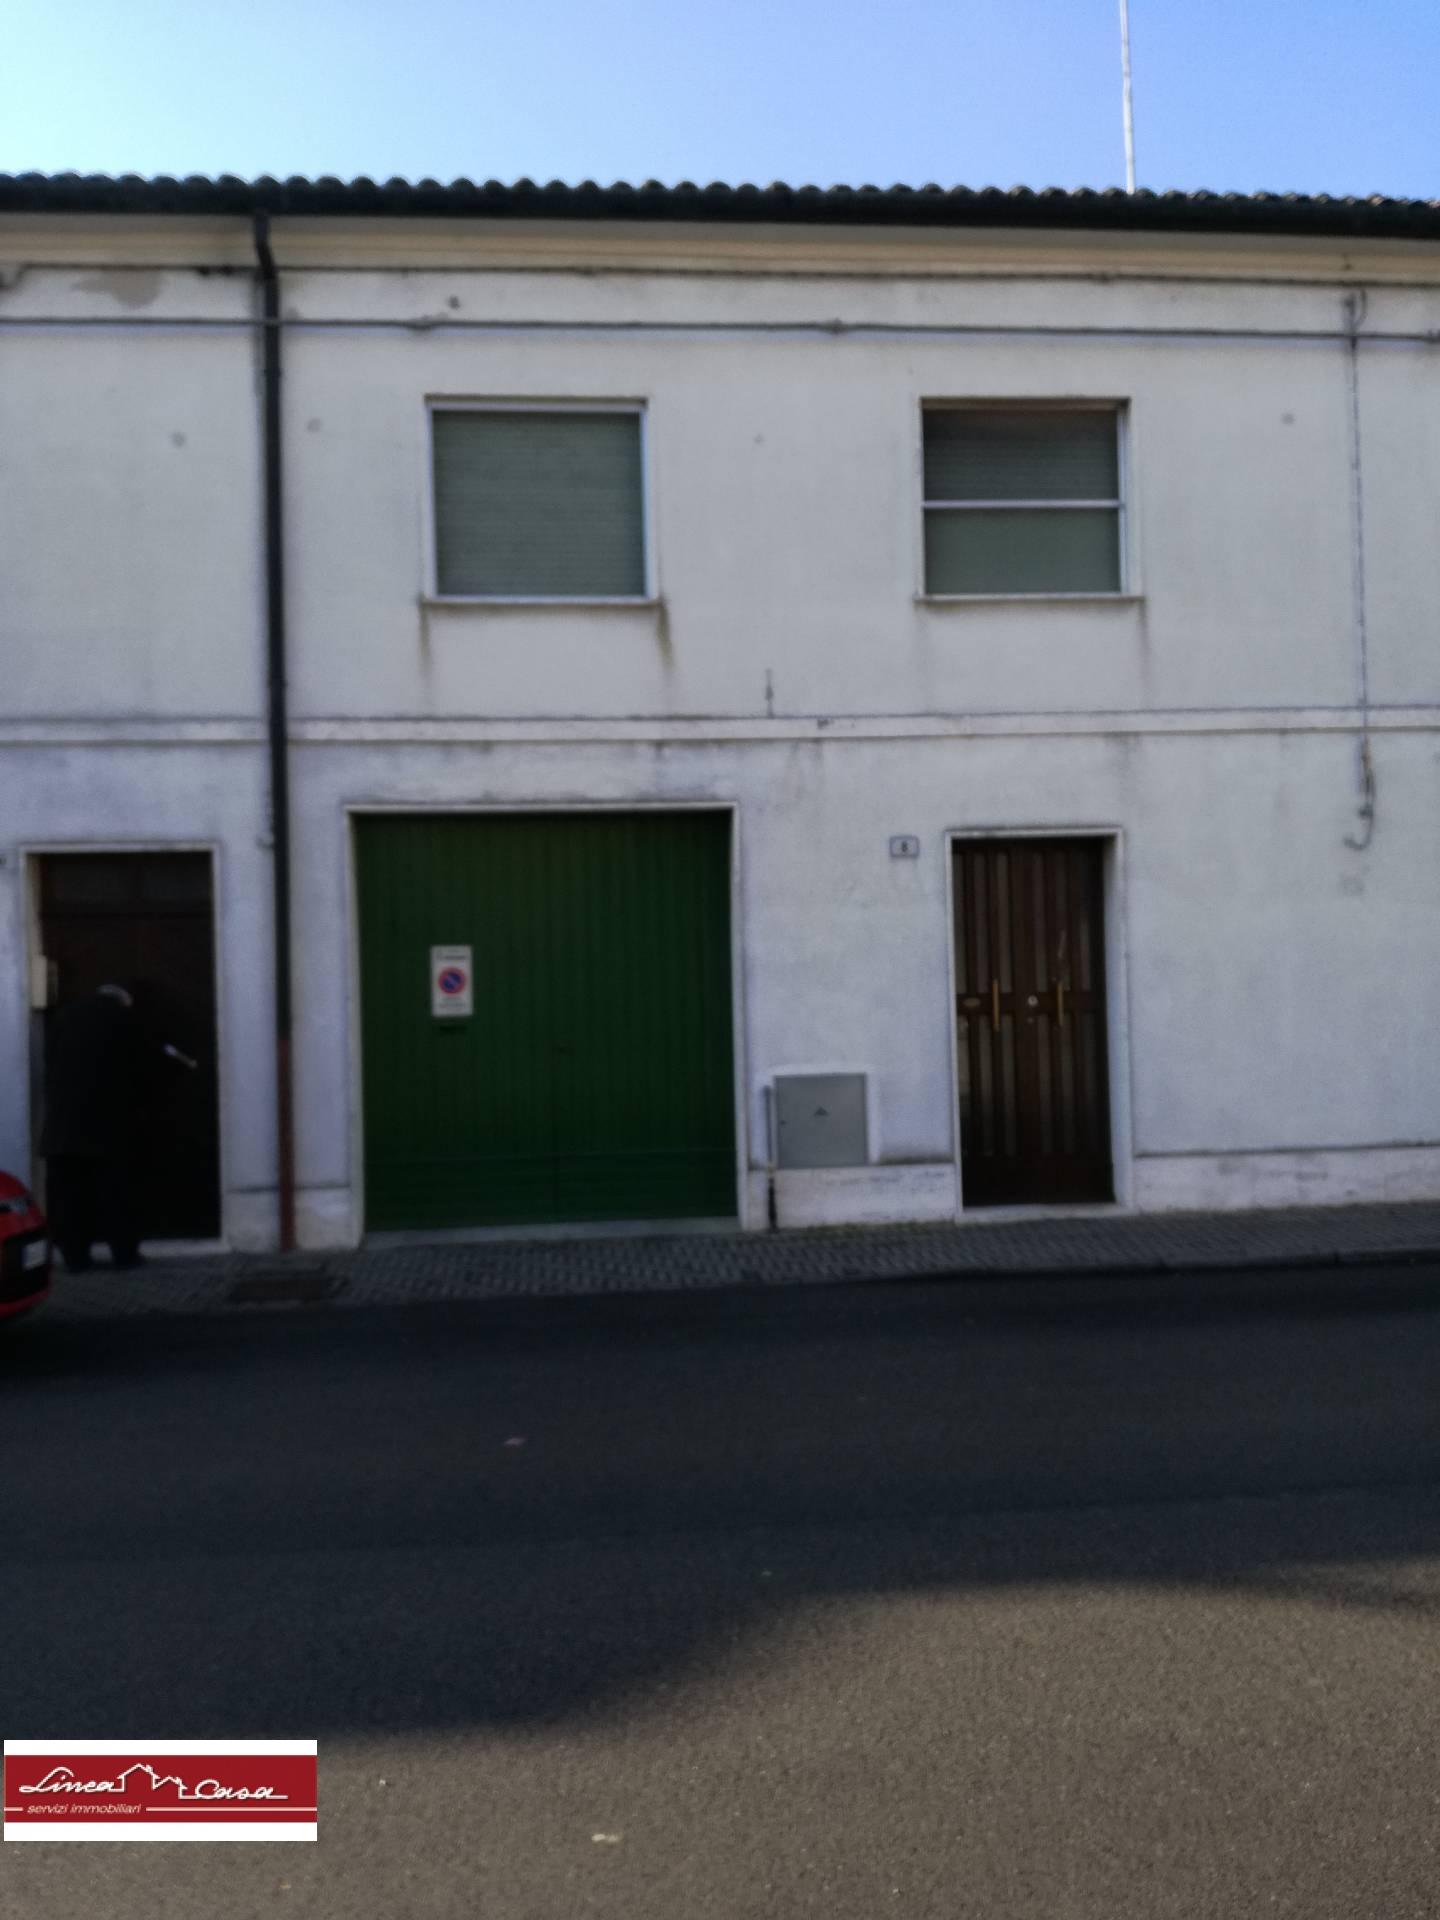 Appartamento in affitto a Portomaggiore, 4 locali, zona Località: Portomaggiore, prezzo € 400 | Cambio Casa.it